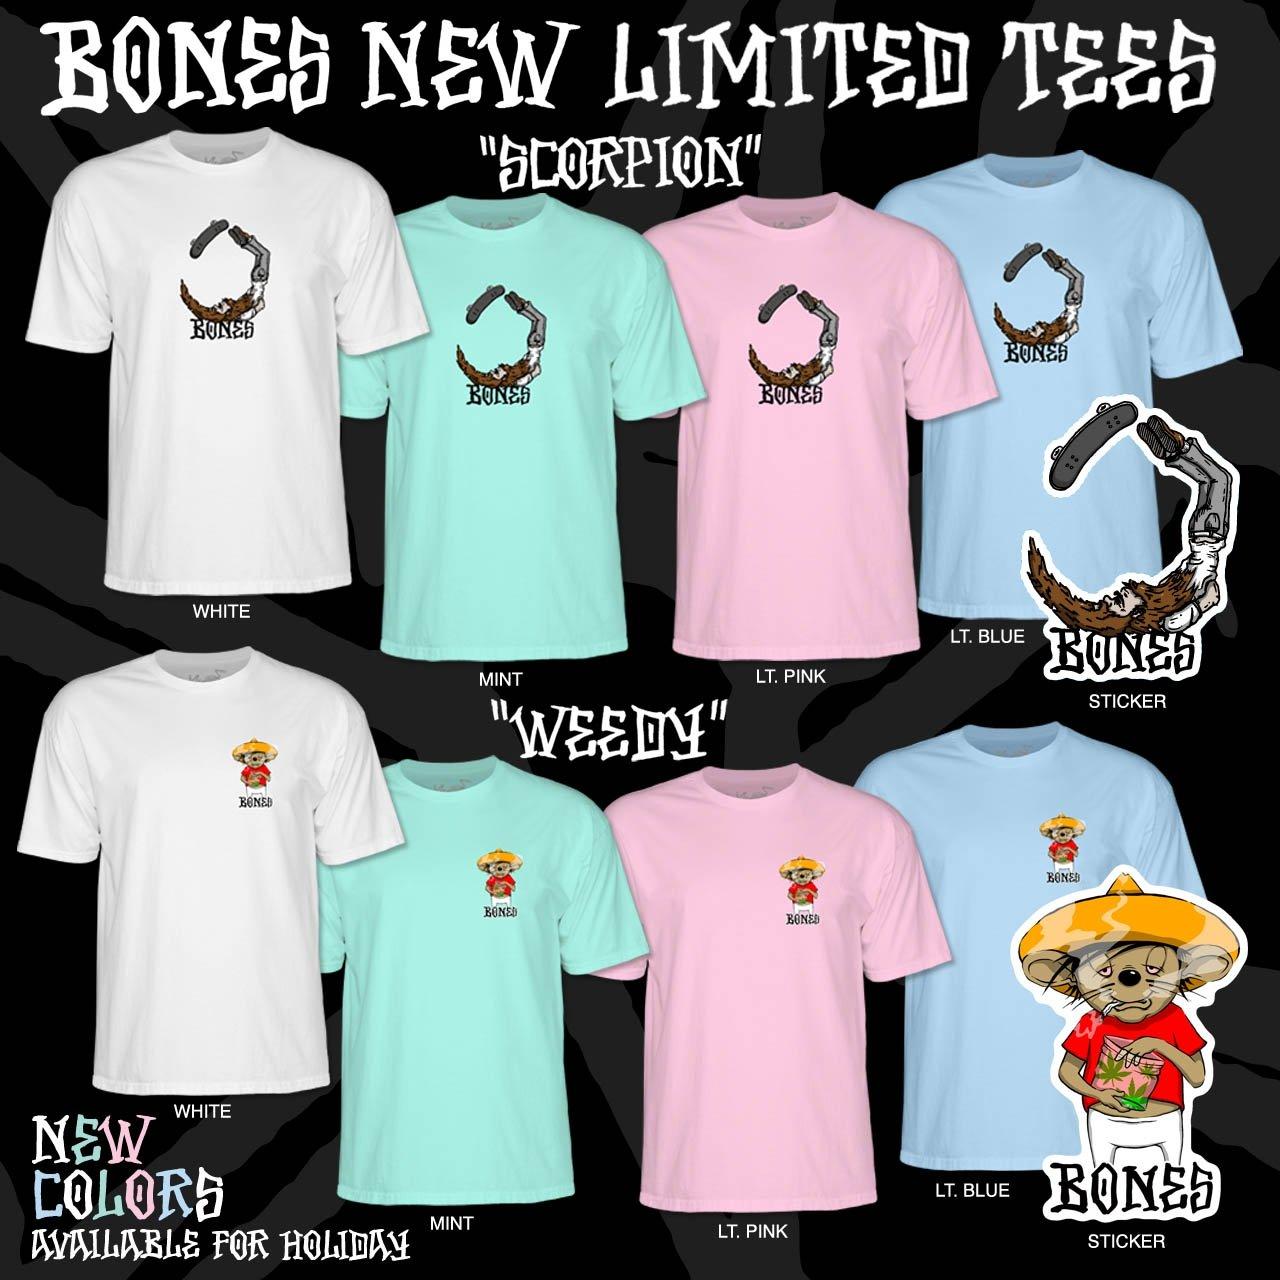 BONES New Limited Tees